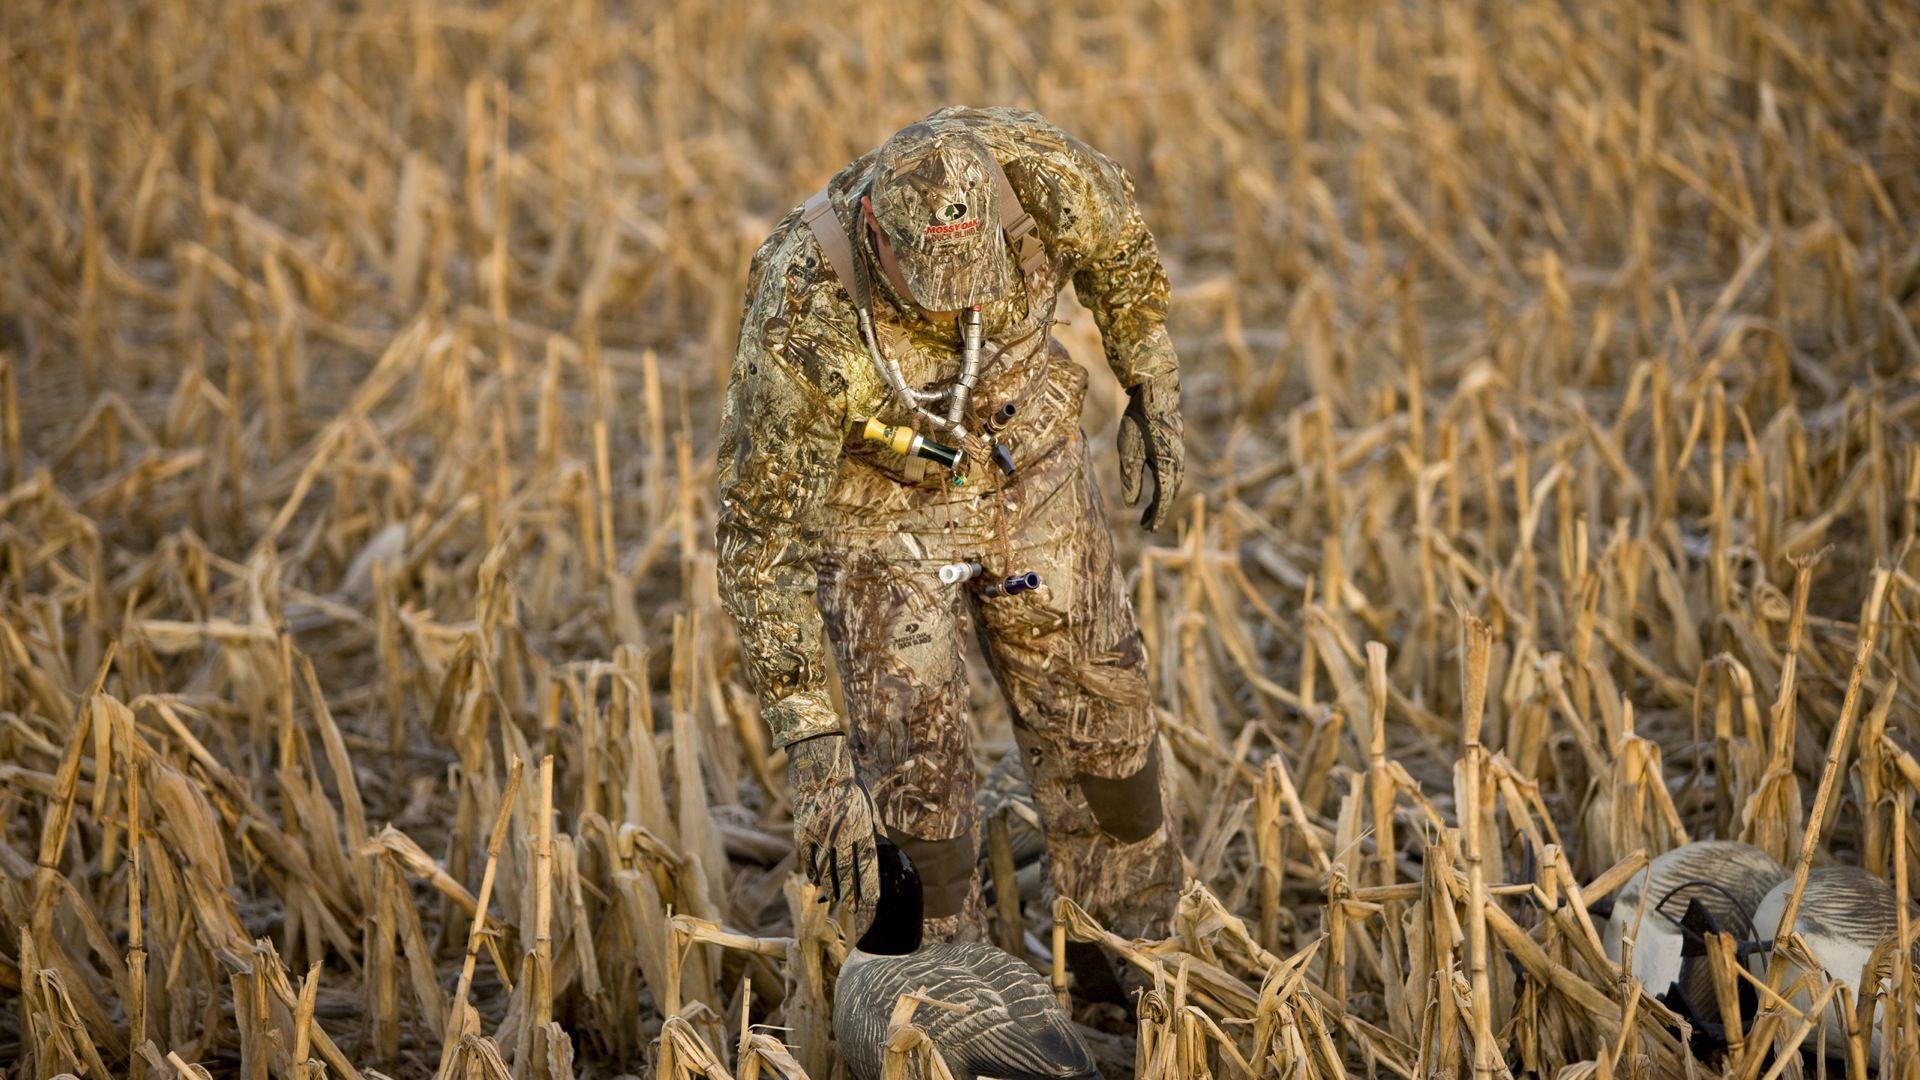 Mossy Oak Breakup Camo Wallpaper Mossy Oak Camo Wallpap...